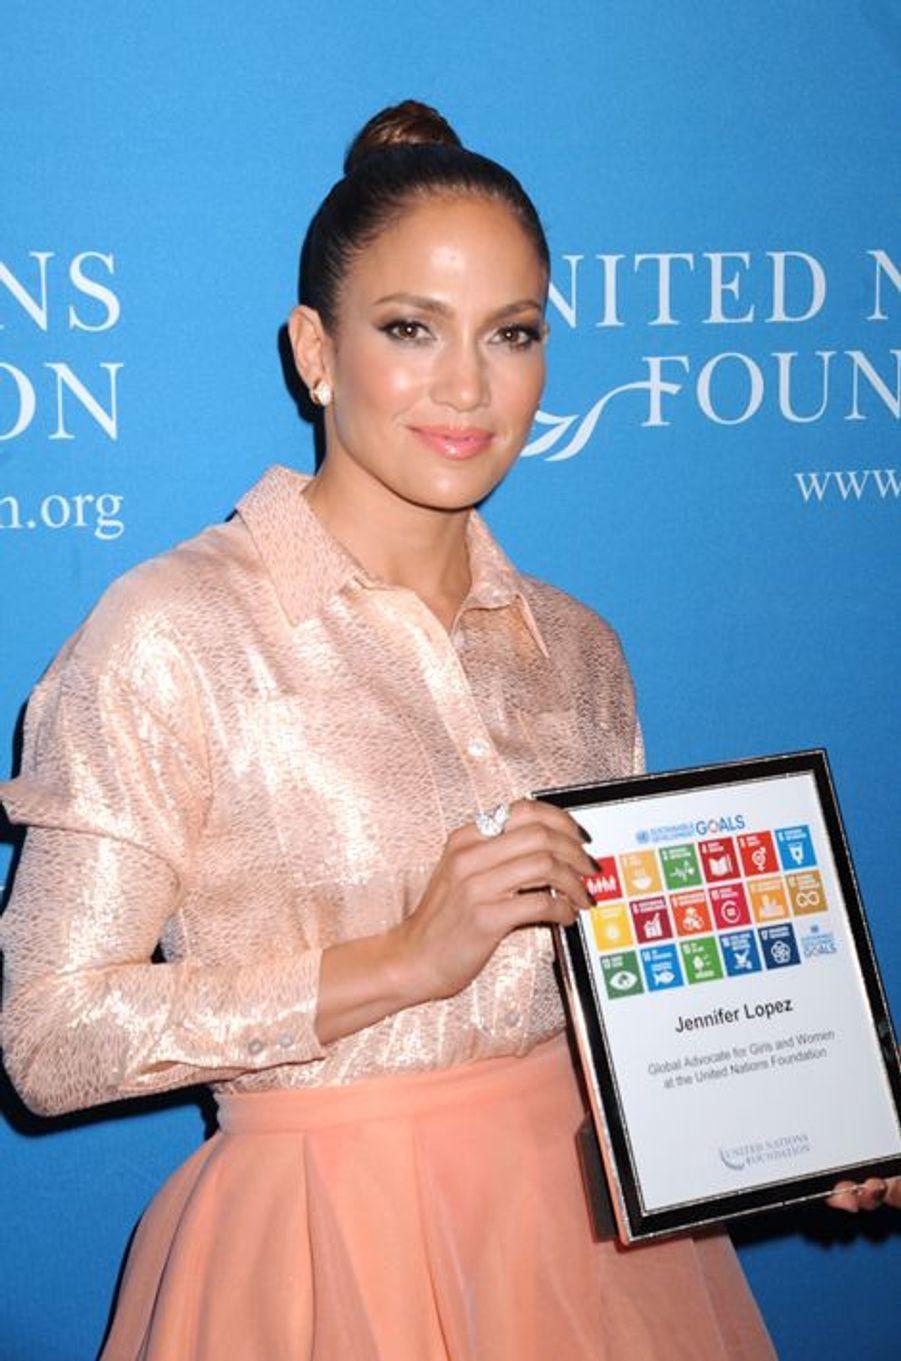 Jennifer Lopez est devenue la première ambassadrice mondiale pour la cause des femmes auprès de la Fondation des Nations Unies vendredi dernier.